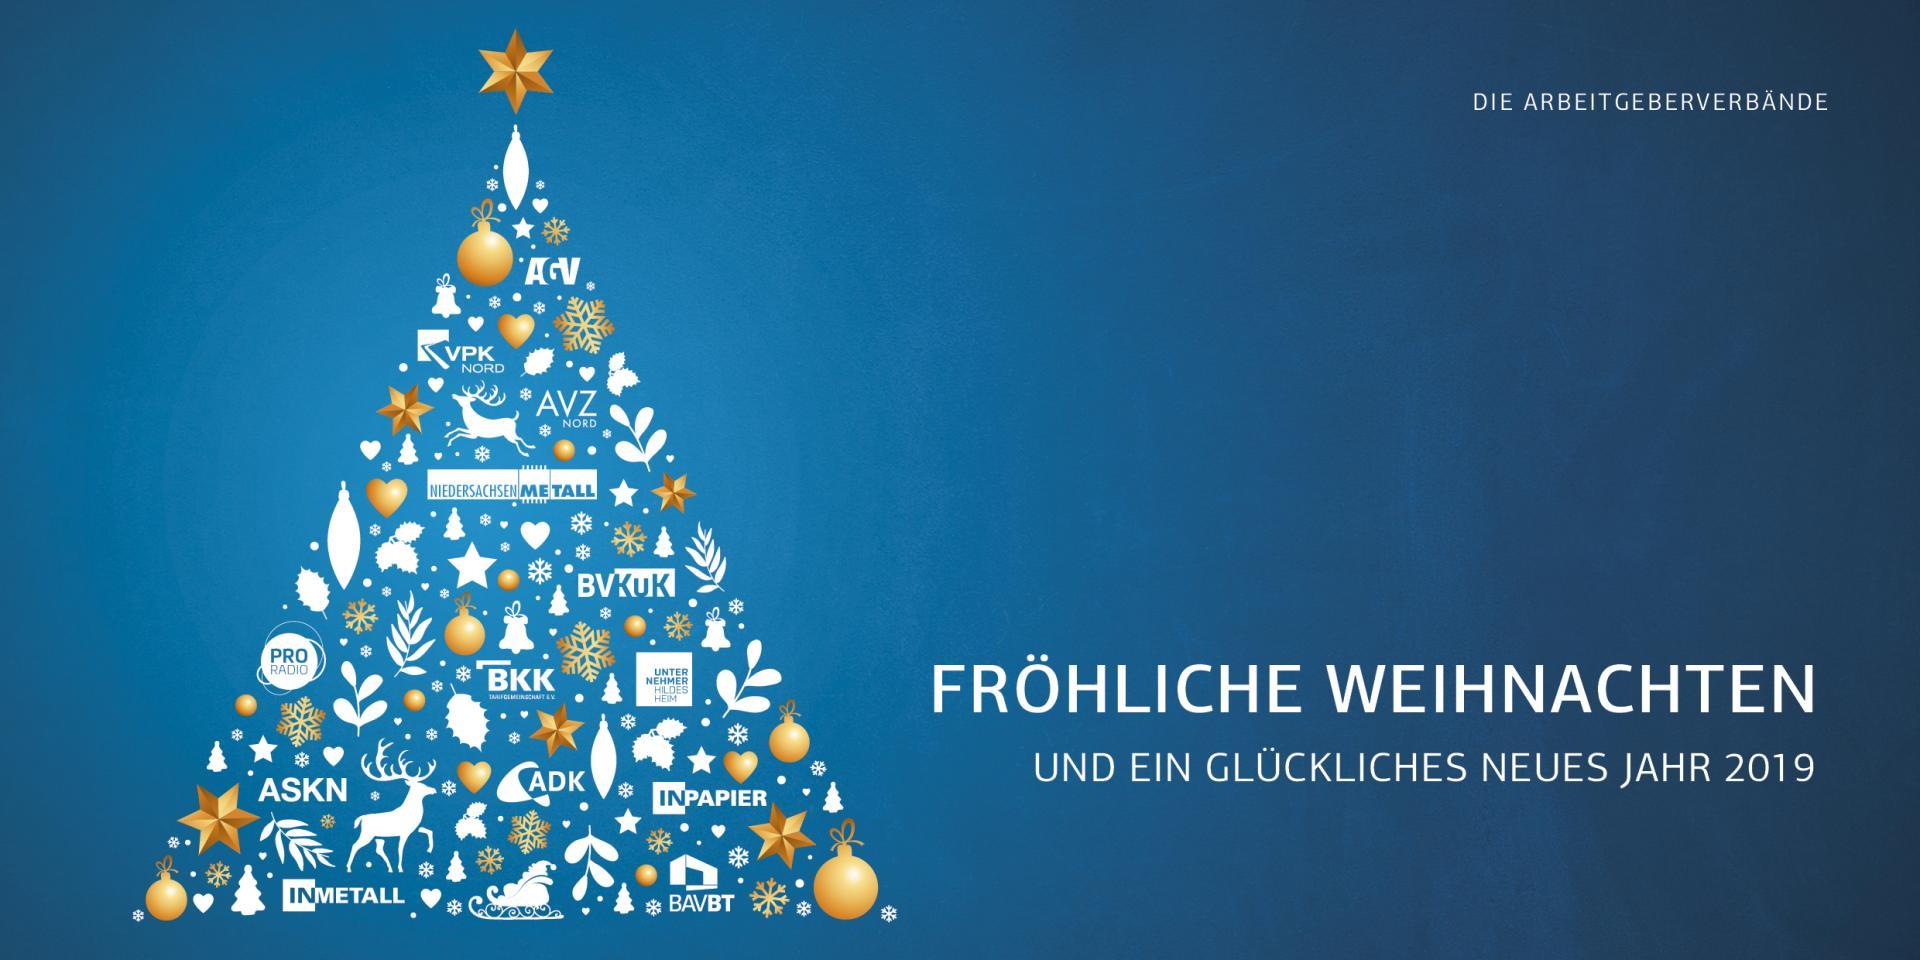 Artikel Von Weihnachten.Fröhliche Weihnachten Vpk